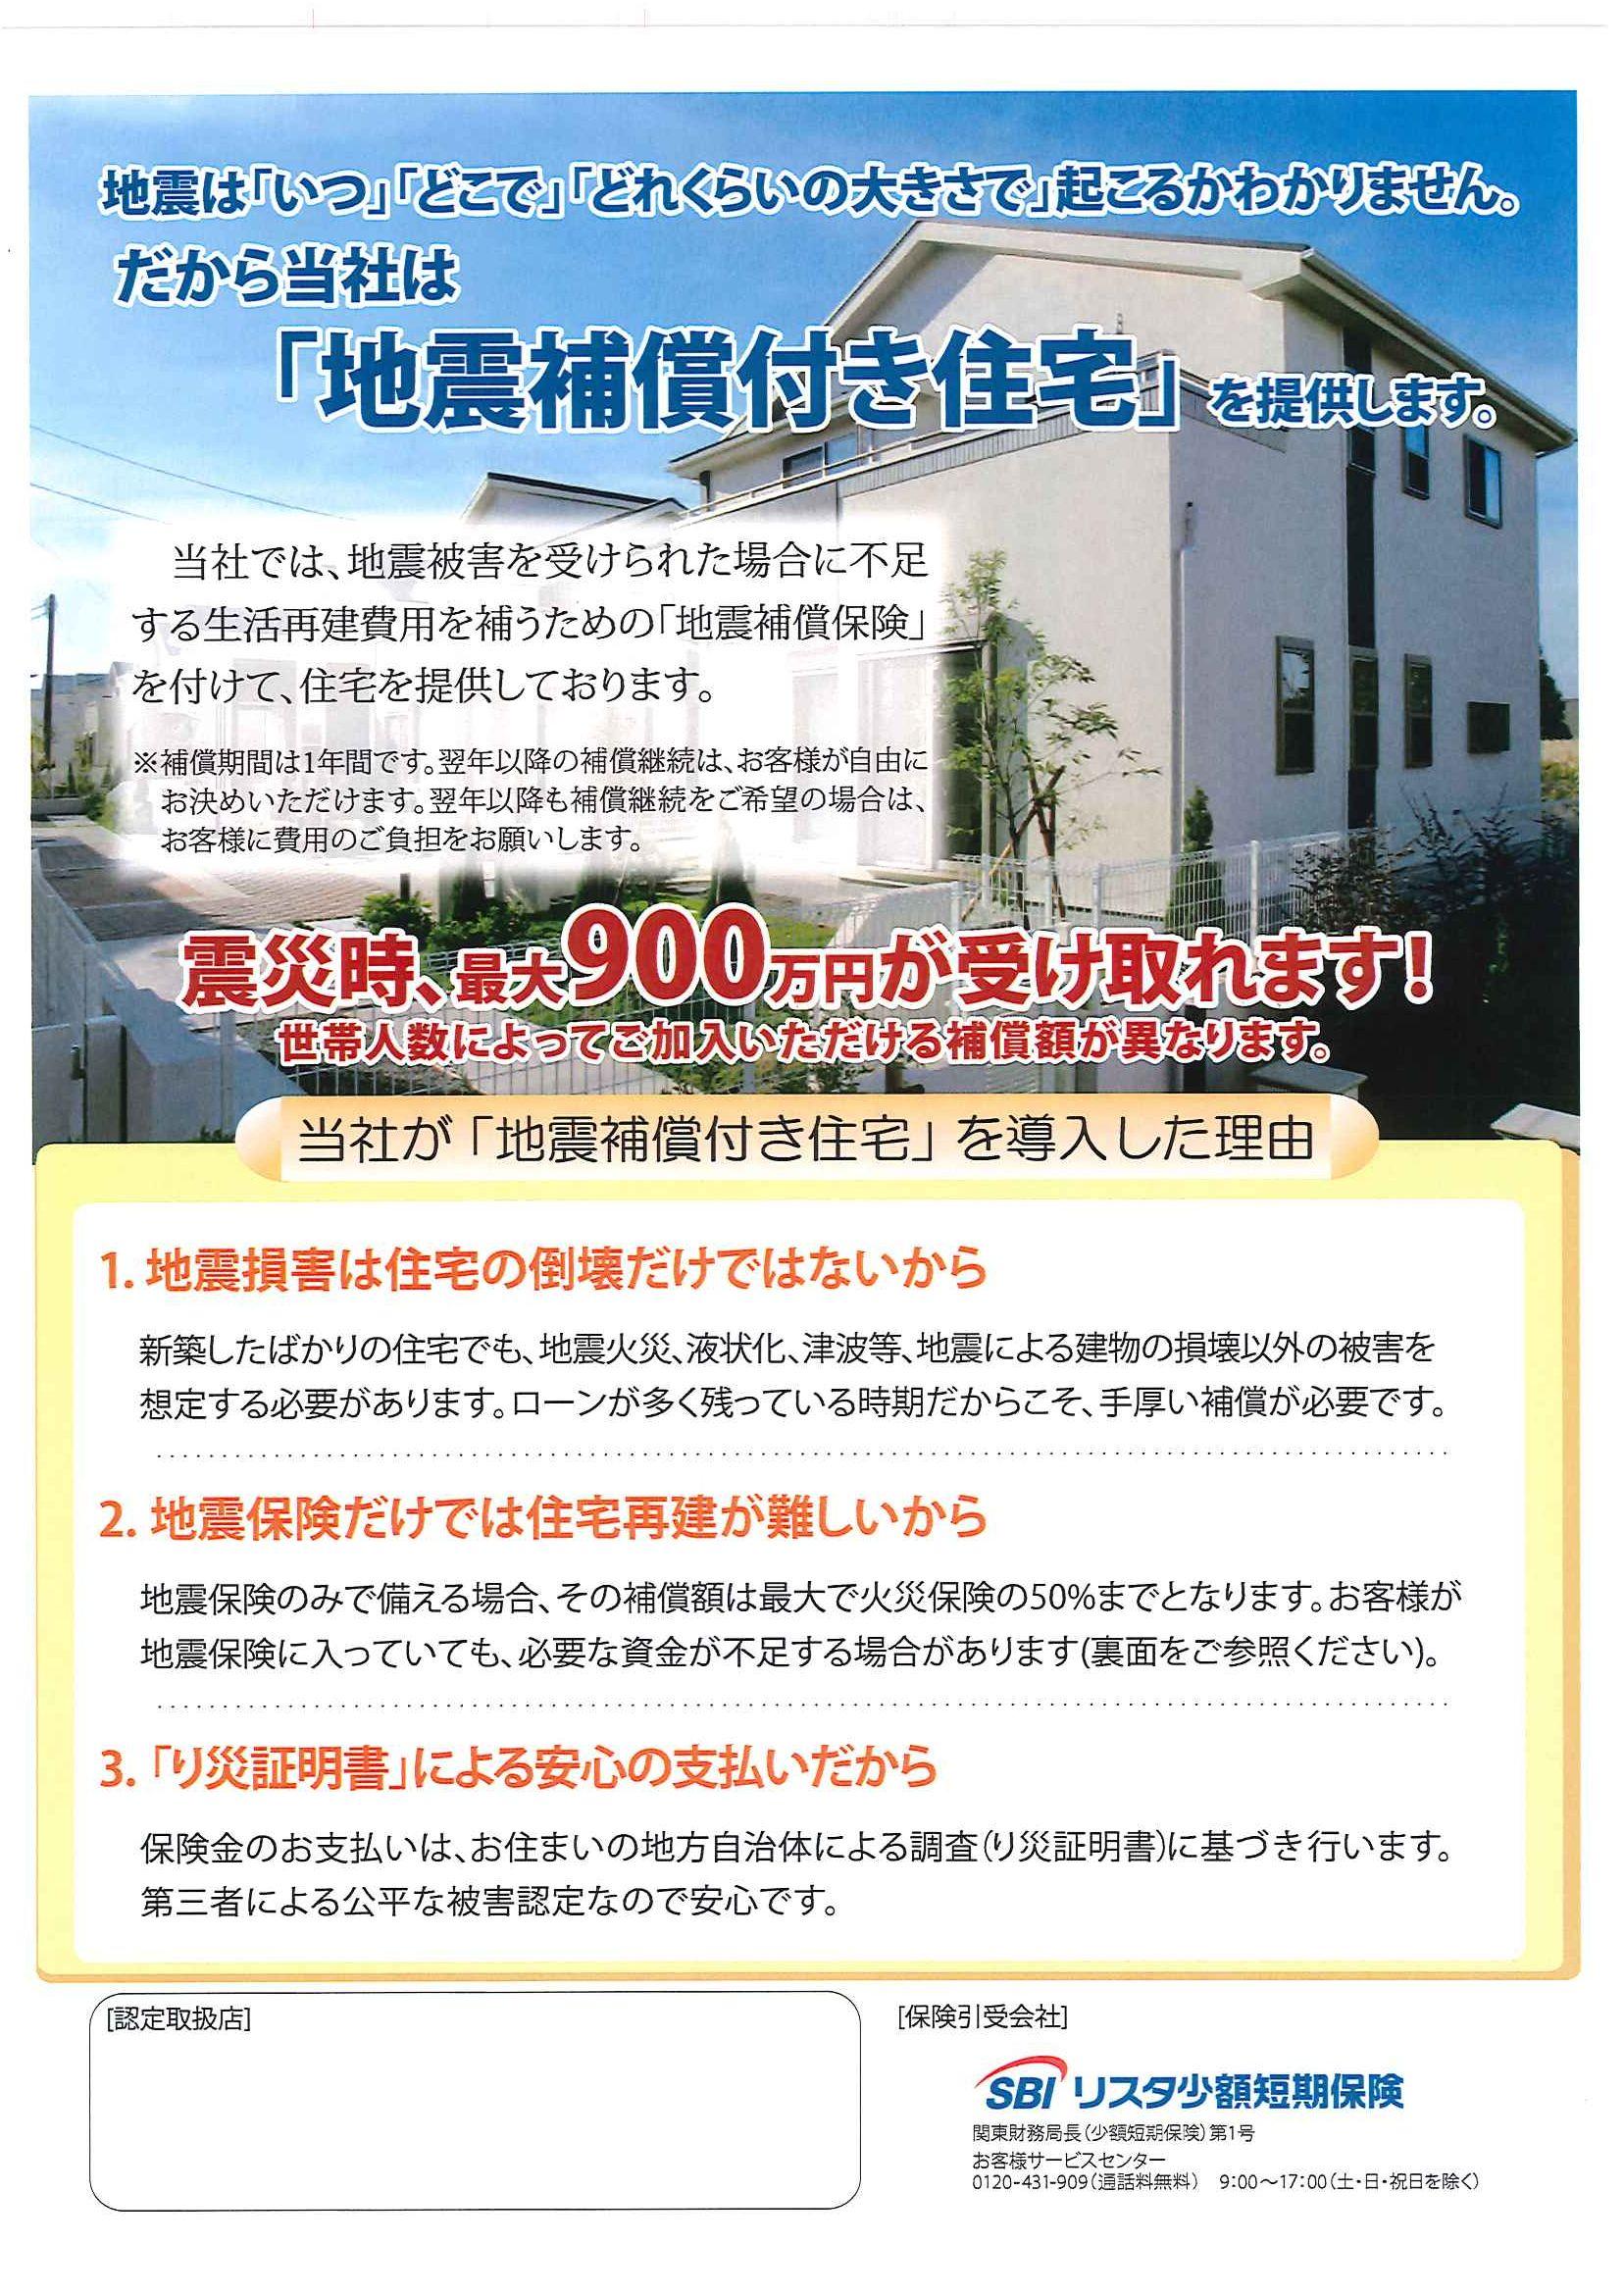 震災時、最大900万円が受け取れます!